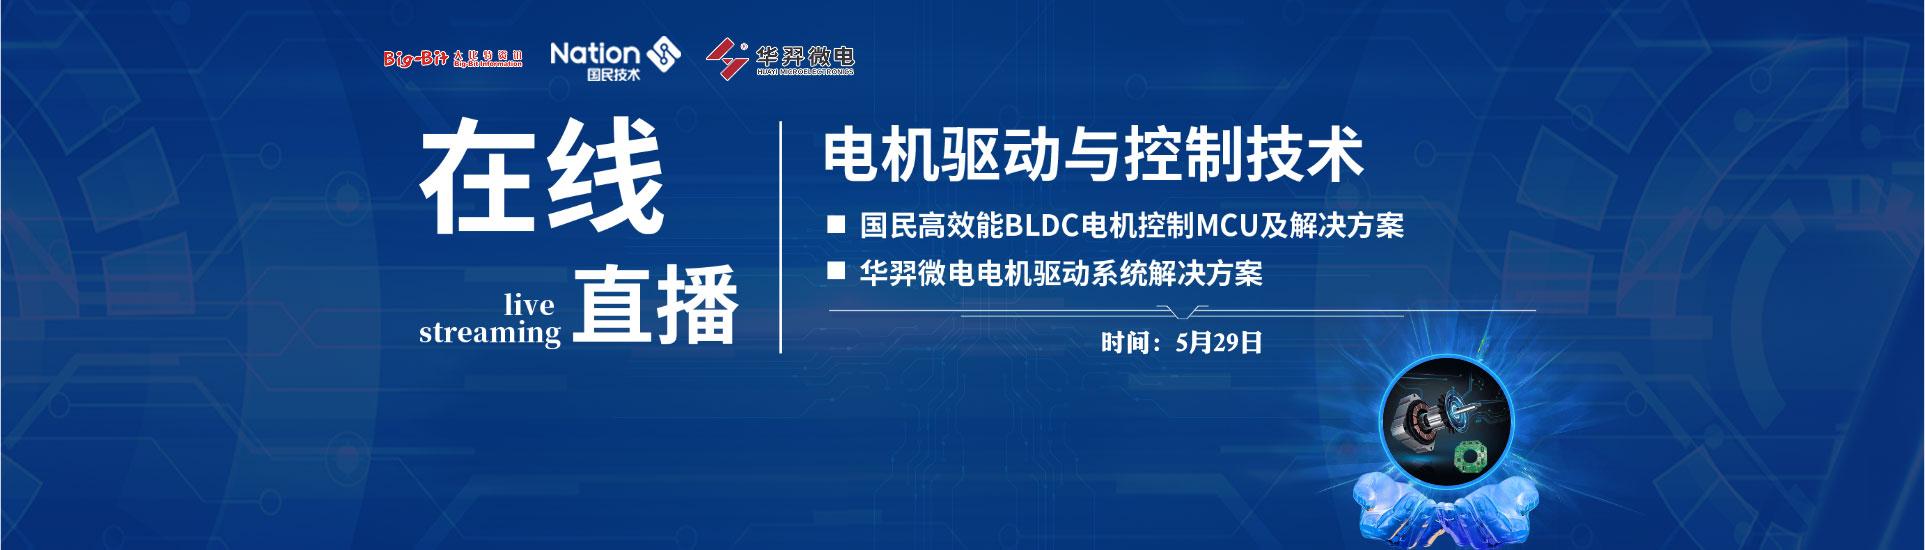 电ji控制技术分享,国民技术大咖zai线zhi播!